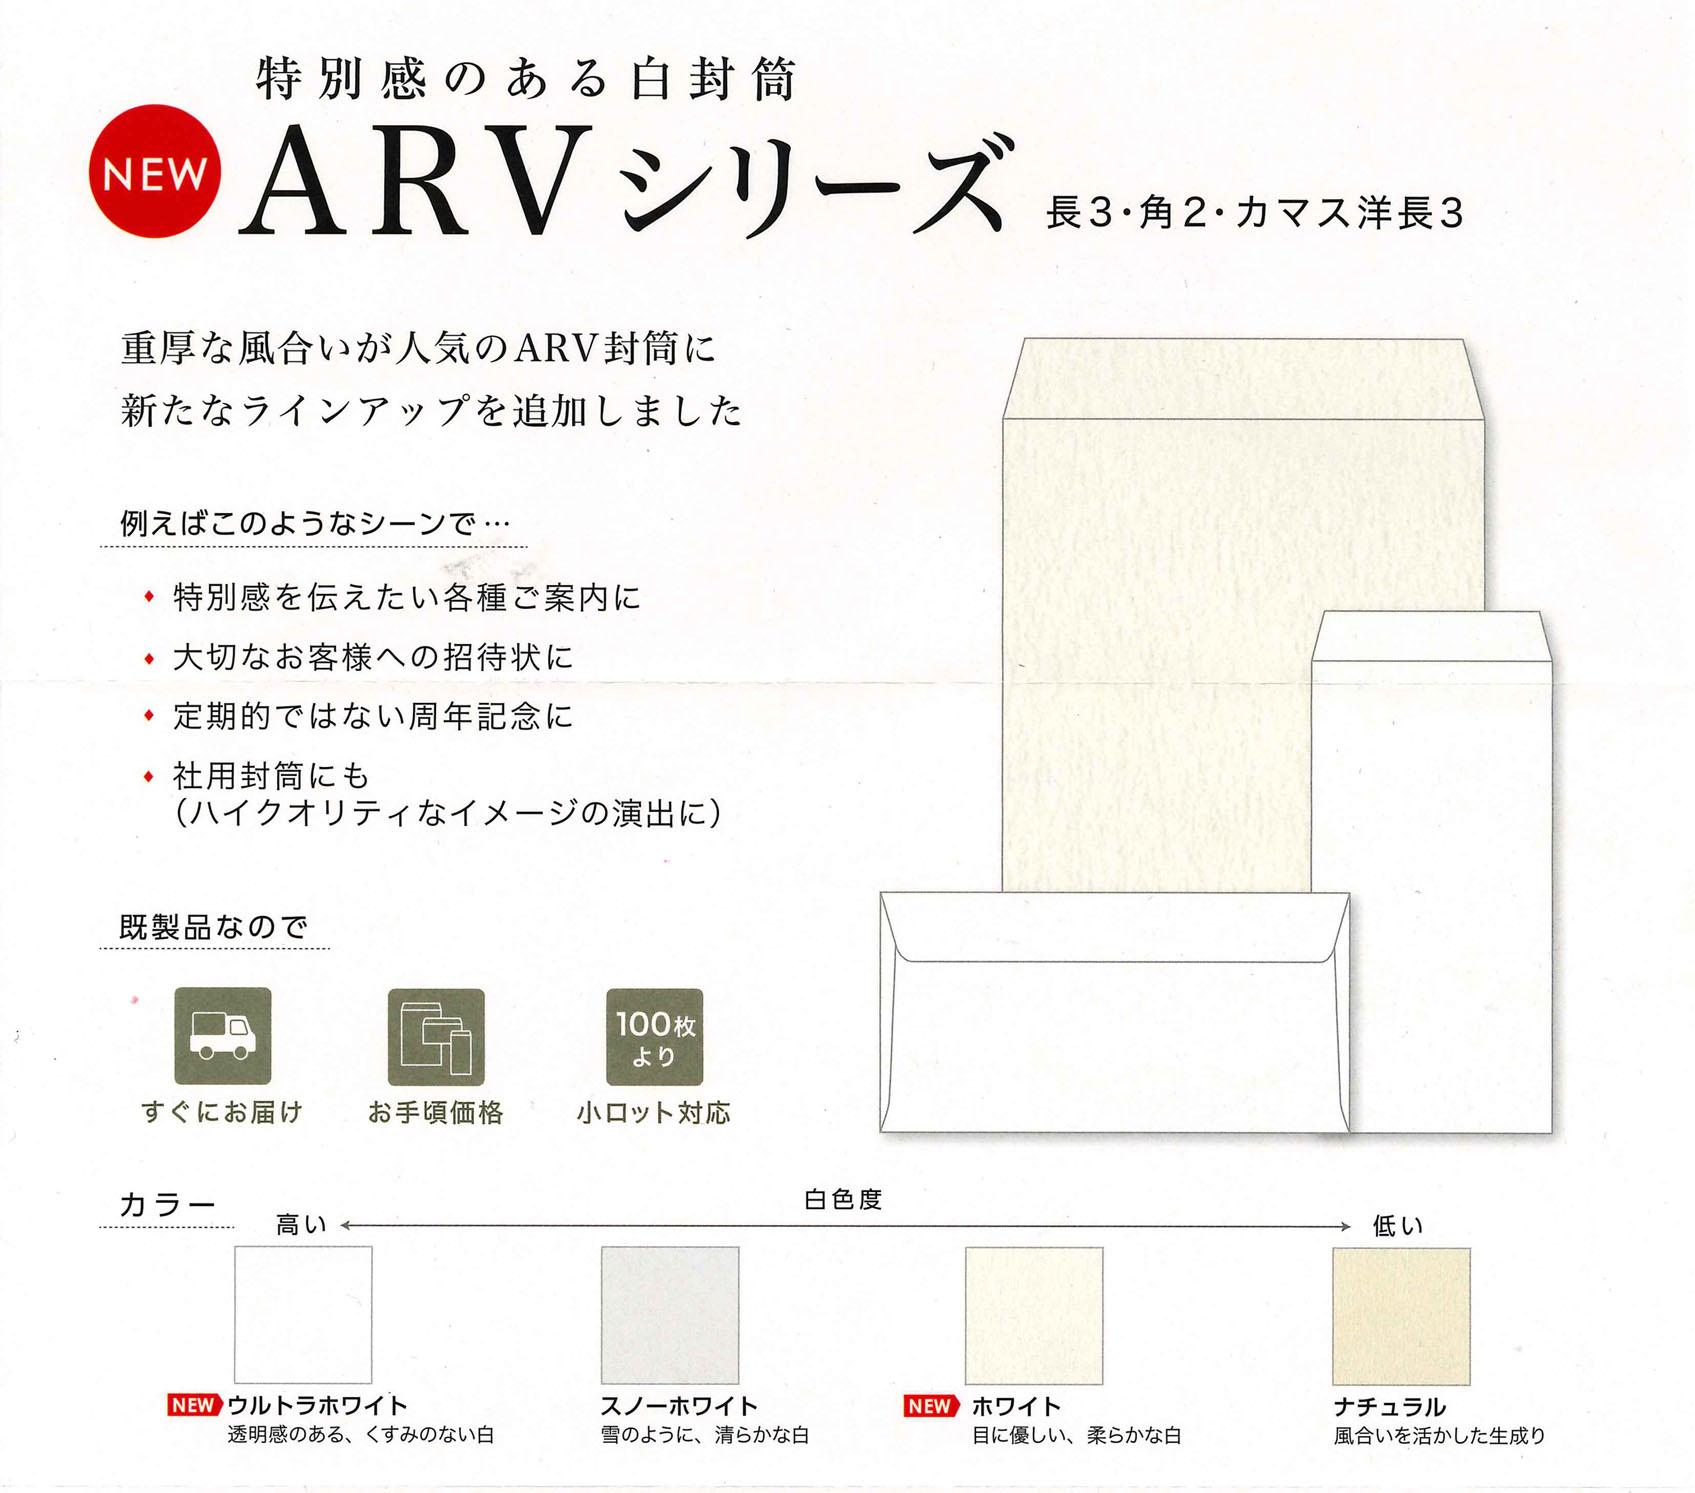 ハート_ARVシリーズ